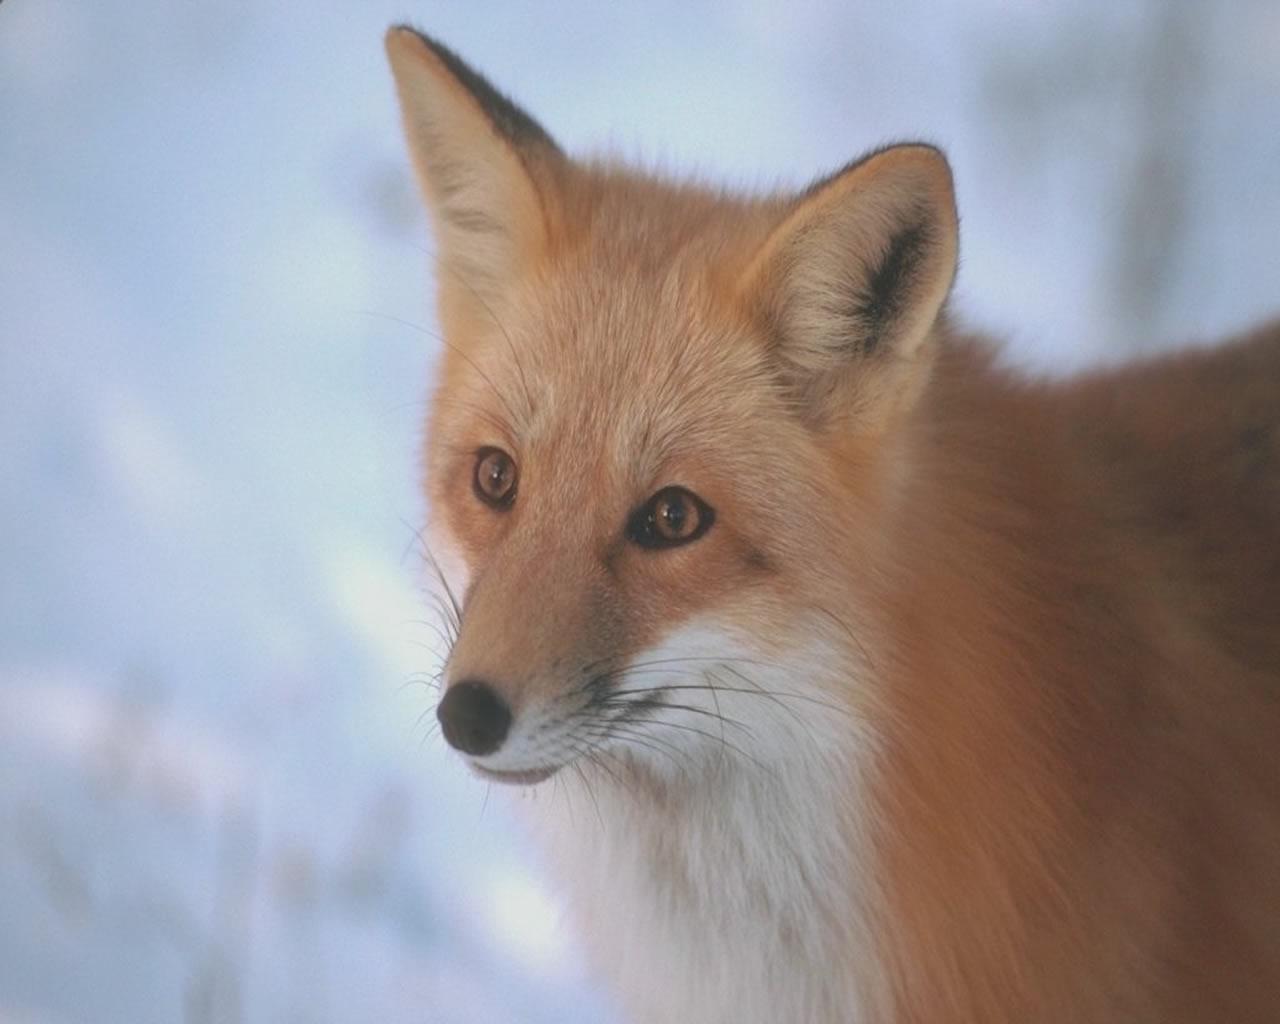 download wallpaper: vos in de sneeuw wallpaper